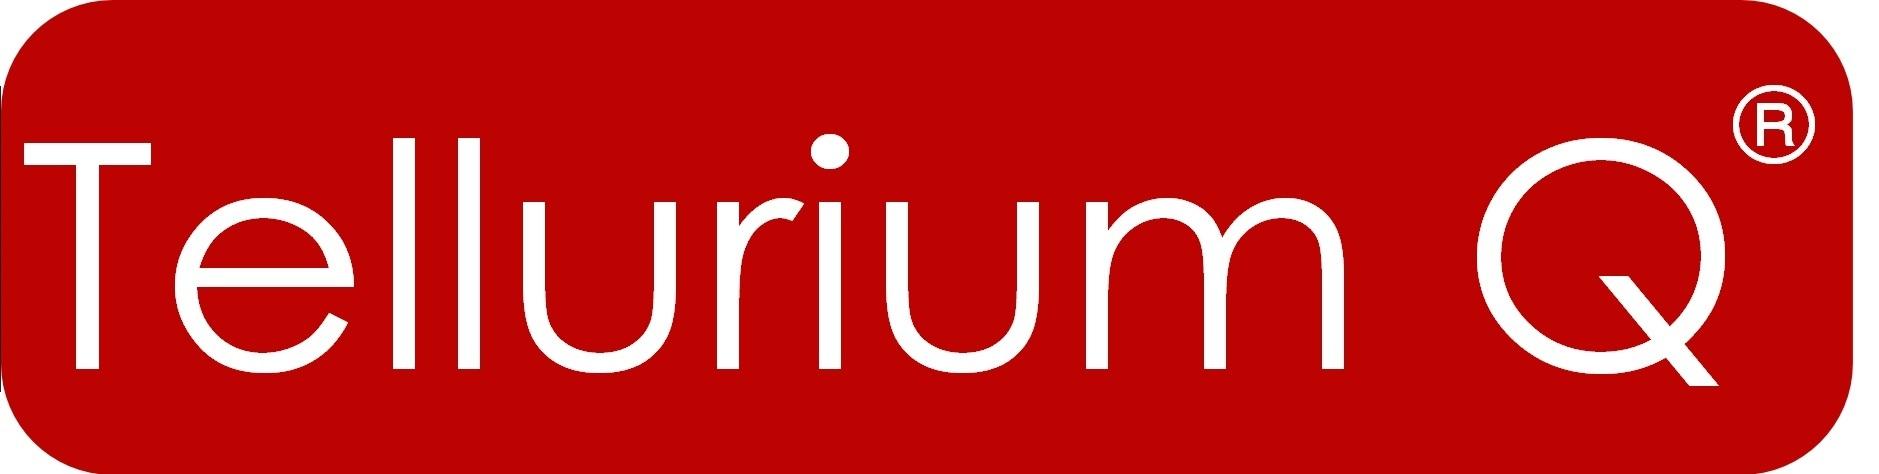 Logo marque Tellurium Q